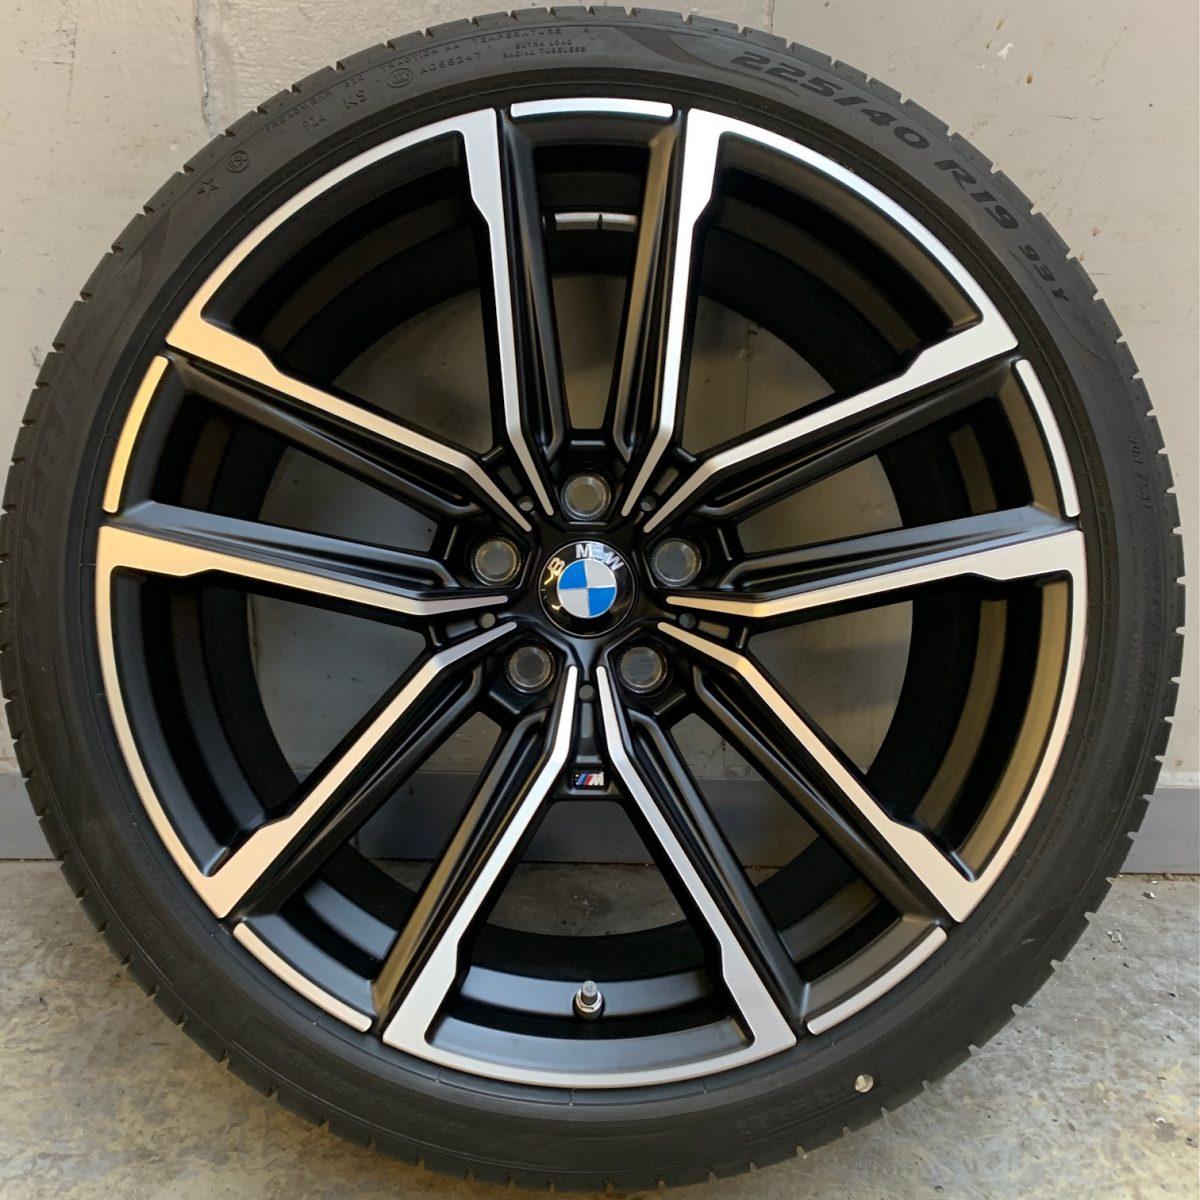 Gyári alufelni BMW 3 G20 (797M Styl) 8X19 8,5x19 alufelni új nyári garnitúra! Pirelli defekttűrő gumikkal,nyomásszenzorral 1